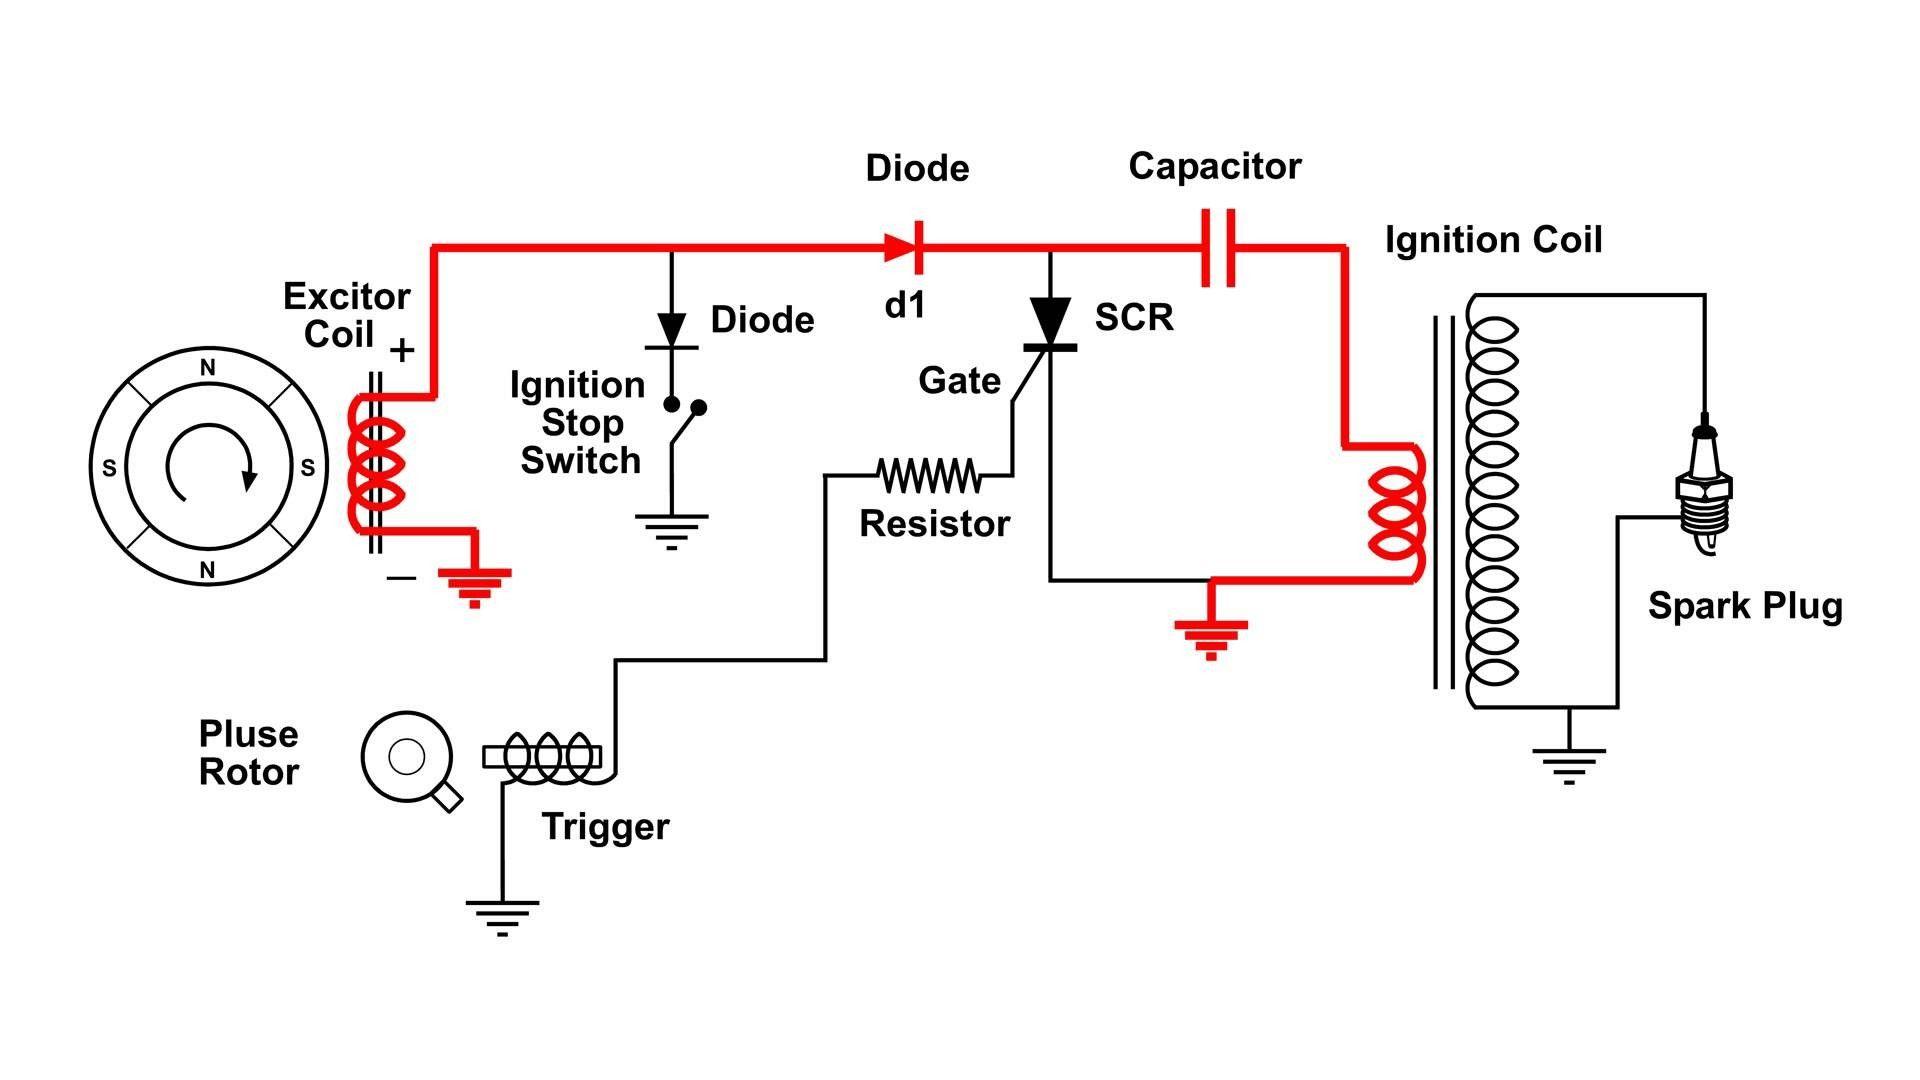 magneto cdi wiring diagram wiring diagram name magneto cdi wiring diagram [ 1920 x 1080 Pixel ]